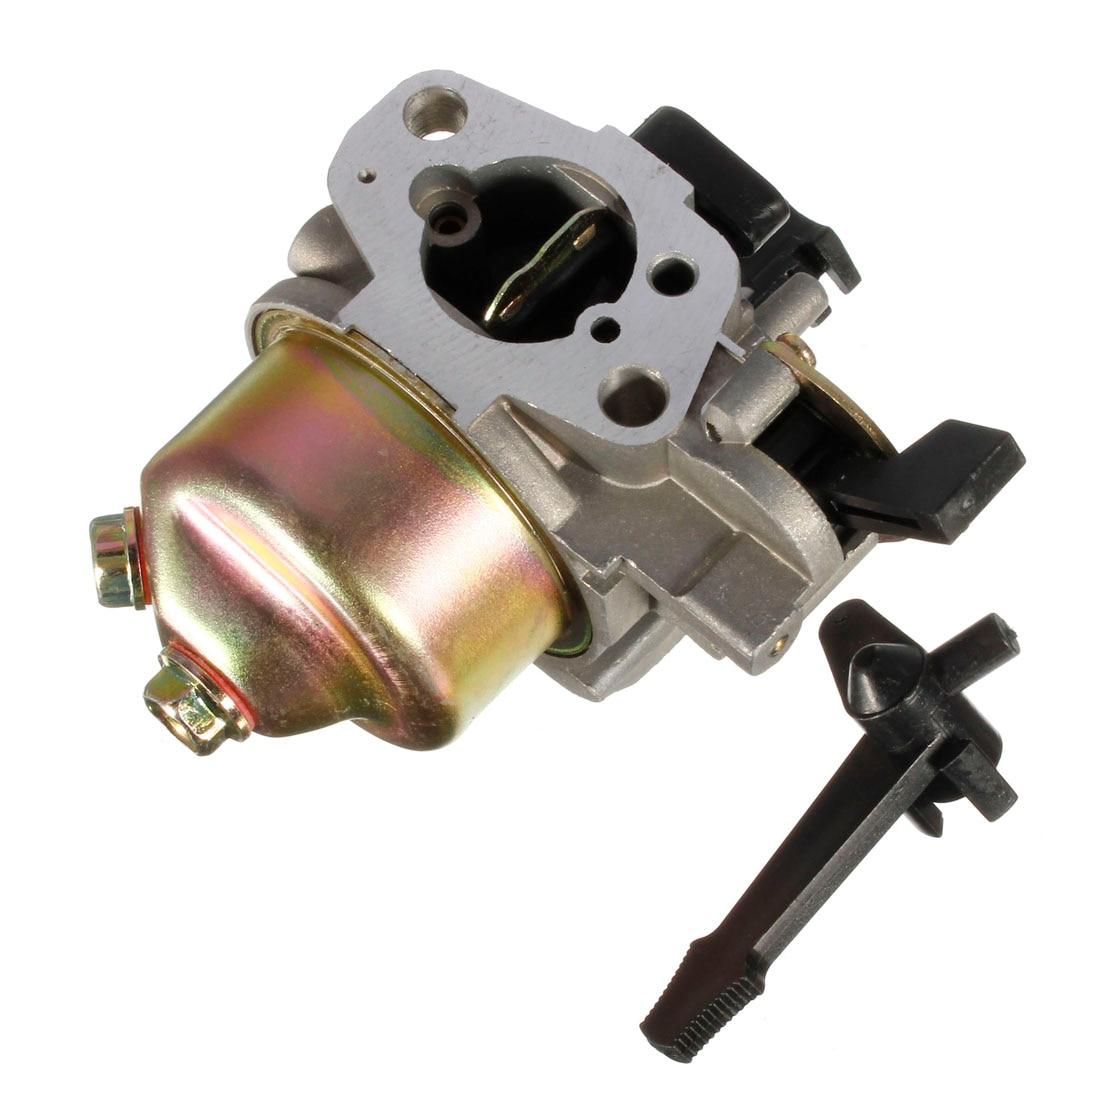 19mm gaźnik Carb zestaw do hondy GX160 5.5/6.5 dla HP GX200 16100-ZH8-W61